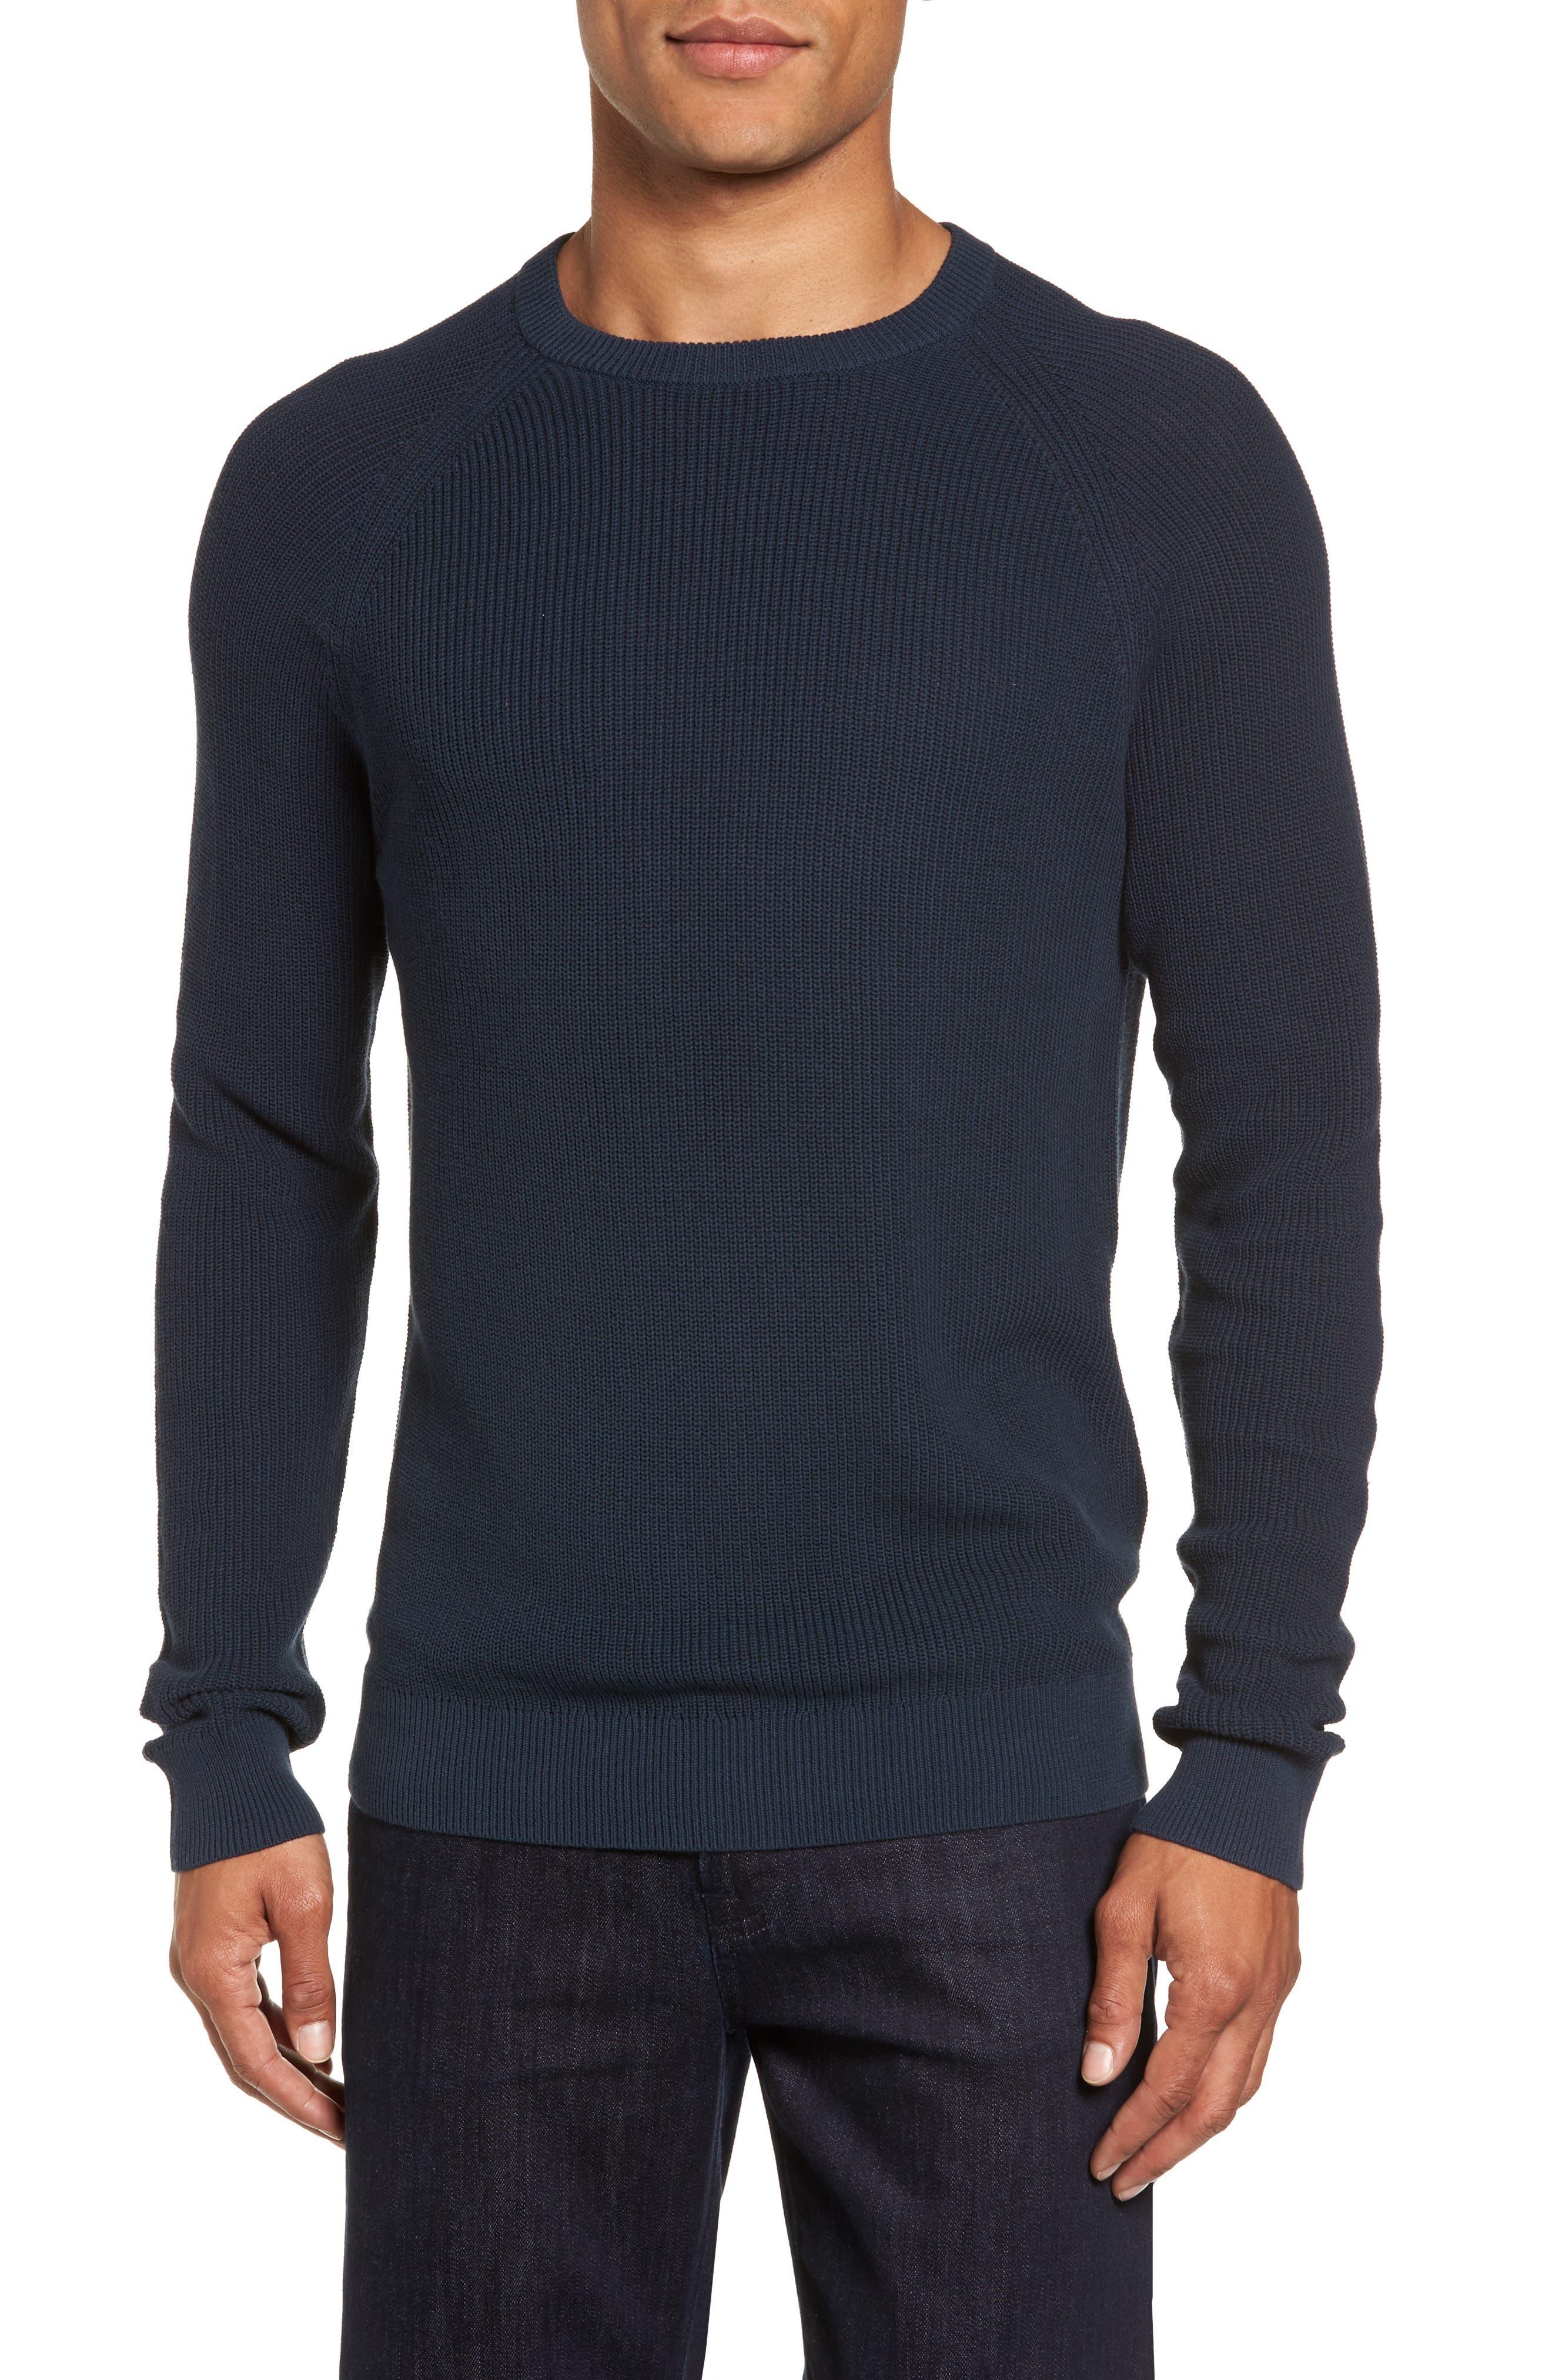 Alternate Image 1 Selected - Nordstrom Men's Shop Crewneck Sweater (Regular)